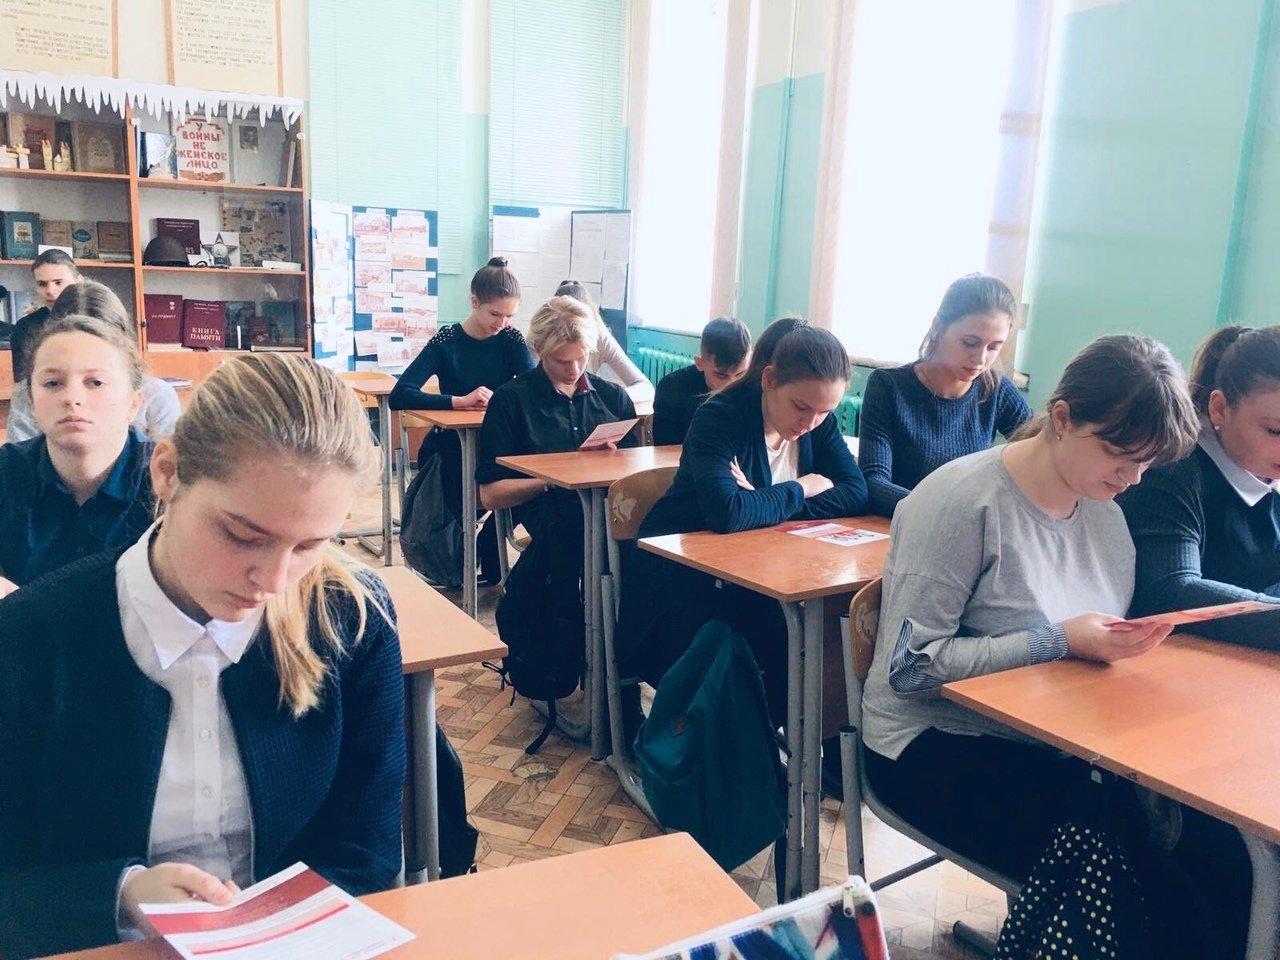 Тамбовский филиал РАНХиГС провел выездной день открытых дверей в Рассказово, фото-3